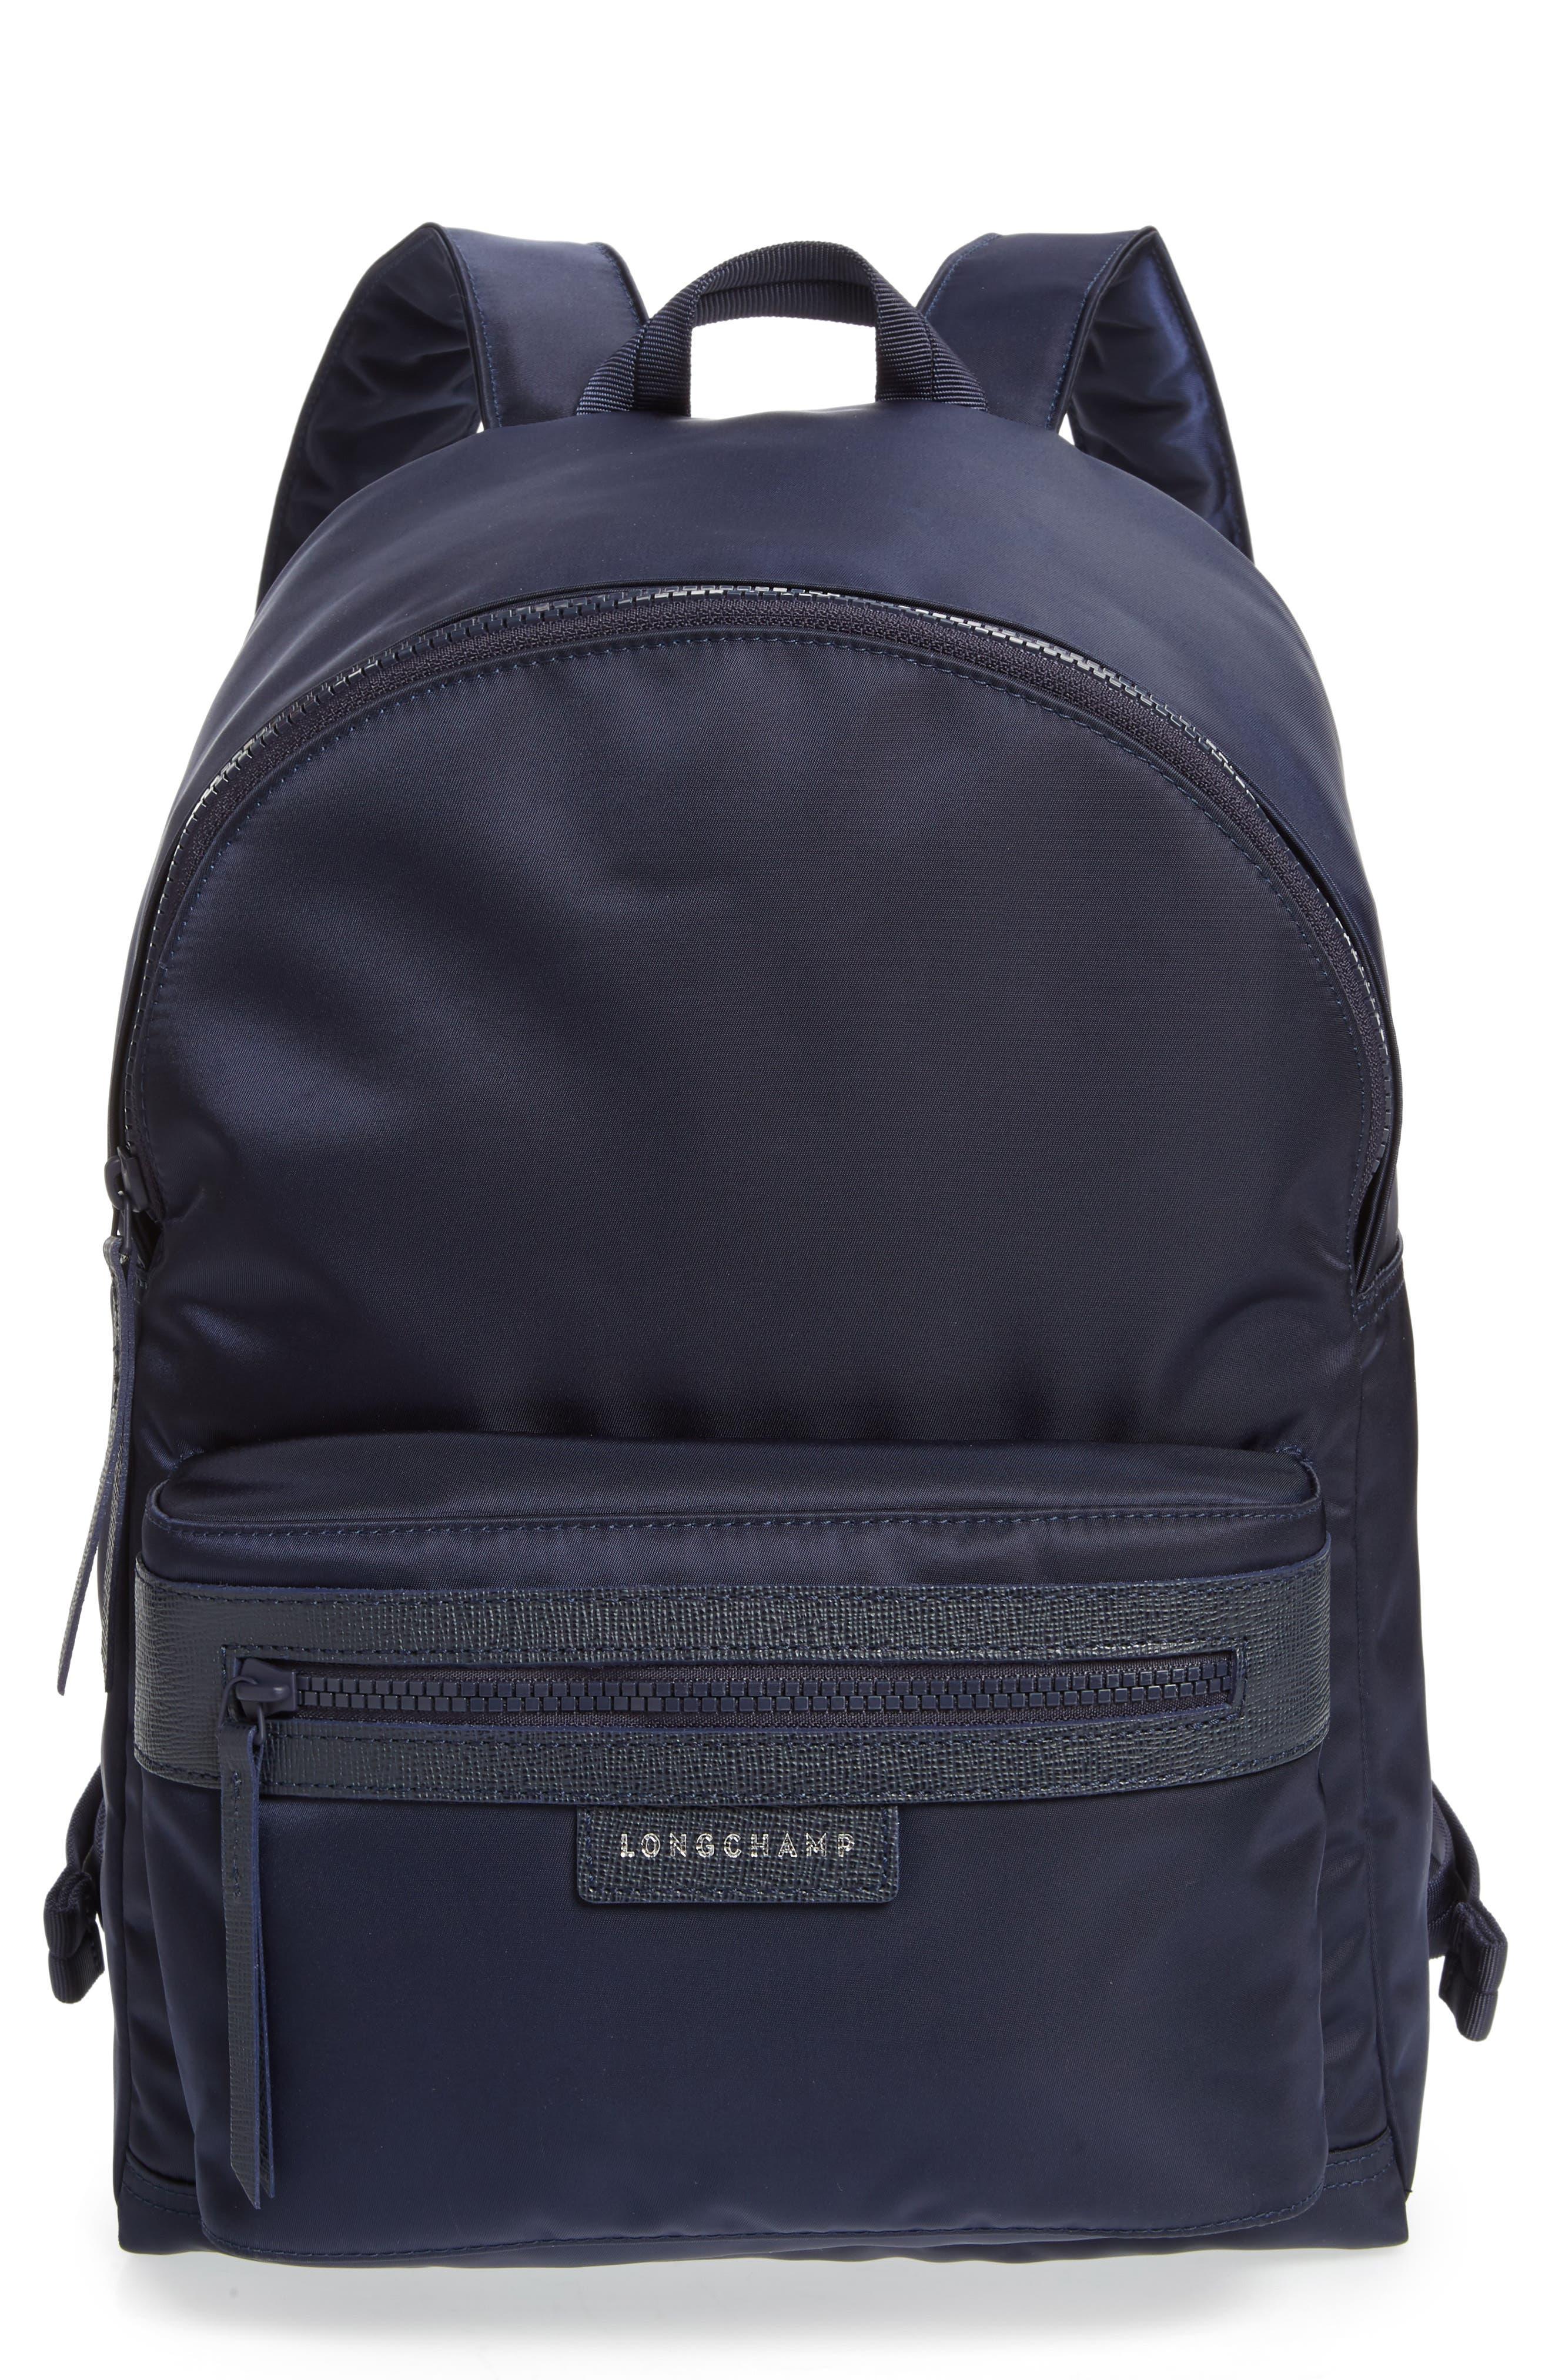 'Le Pliage Neo' Nylon Backpack,                             Main thumbnail 1, color,                             NAVY BLUE